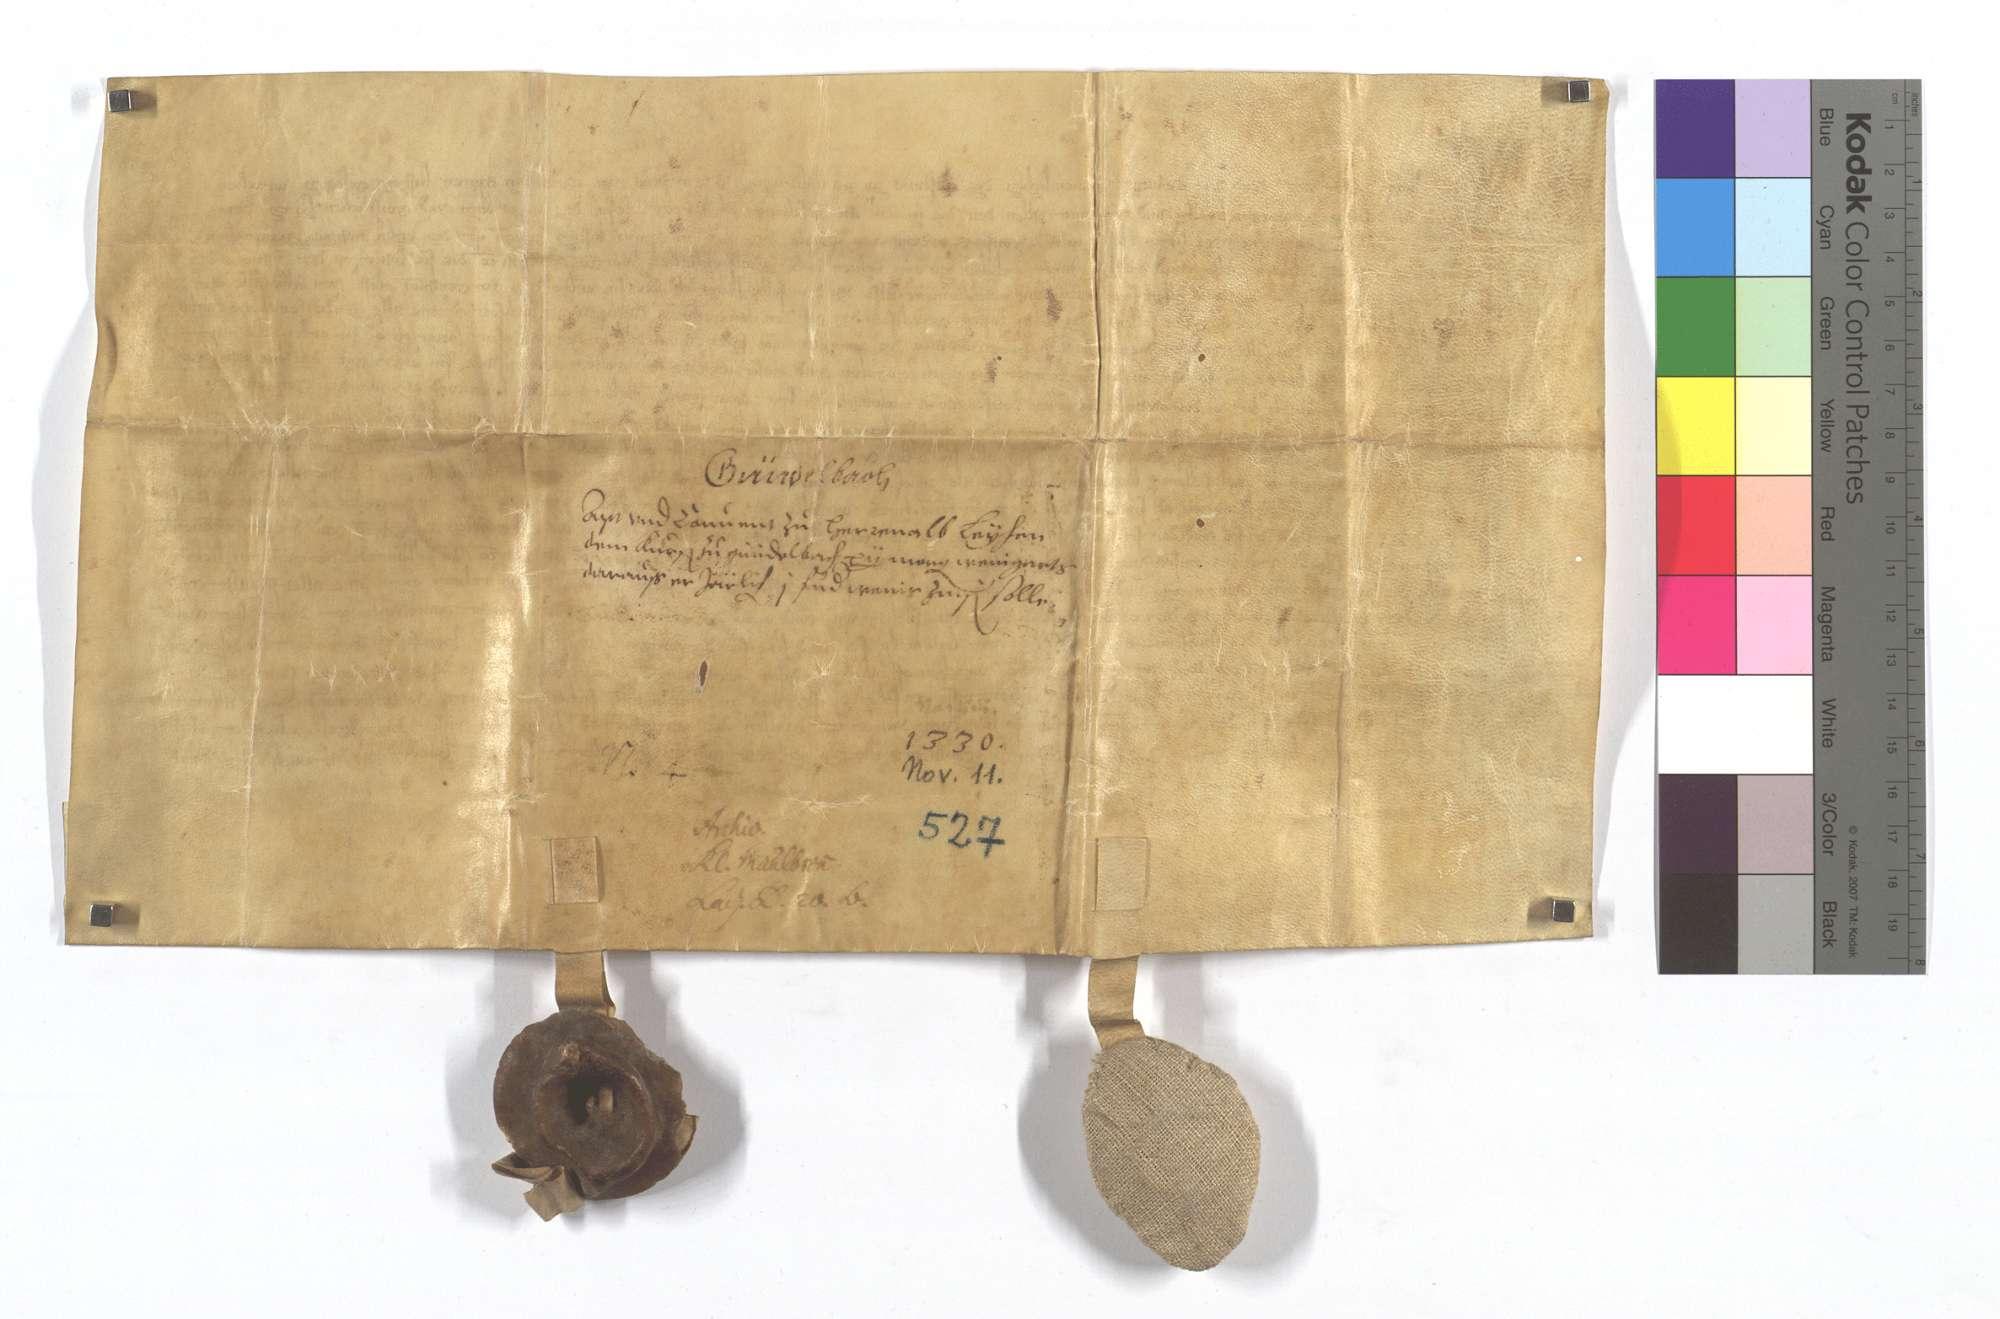 Urkunde des Abts Conrad für Heinrich Kürsener von Gündelbach, welchem das Kloster Herrenalb seine 14 Morgen Weingarten in der Markung des Dorfes Gündelbach zu einem Erblehen geliehen hat., Rückseite